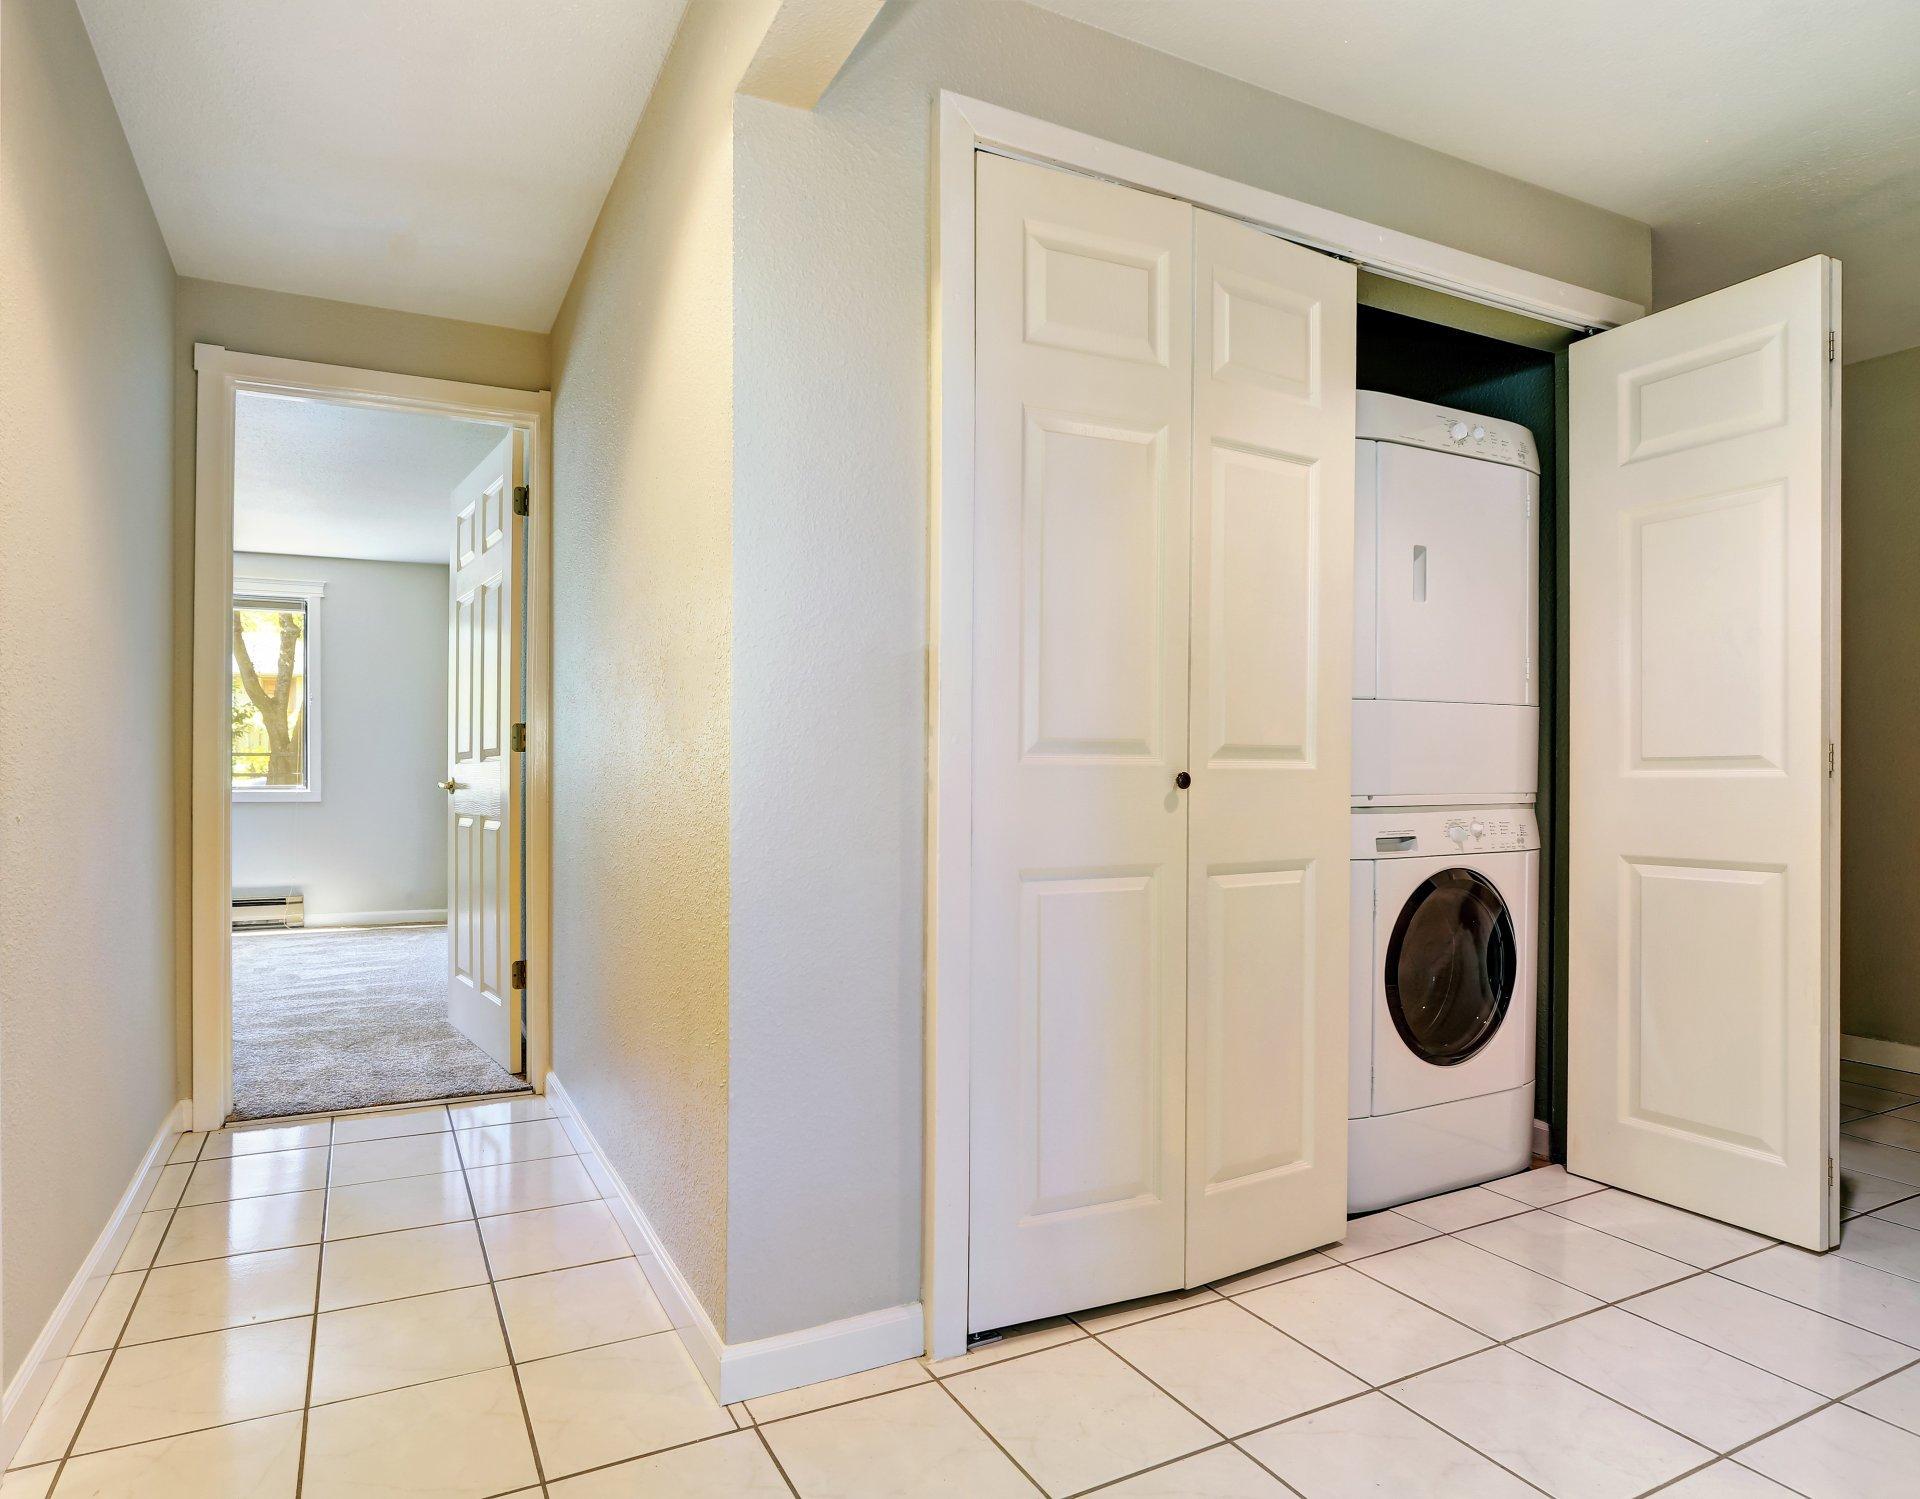 Miejsce dla pralki,Pralka w szafie gospodarczej,pralka w przedpokoju, pralka i suszarka schowana za białymi drzwiami w korytarzu